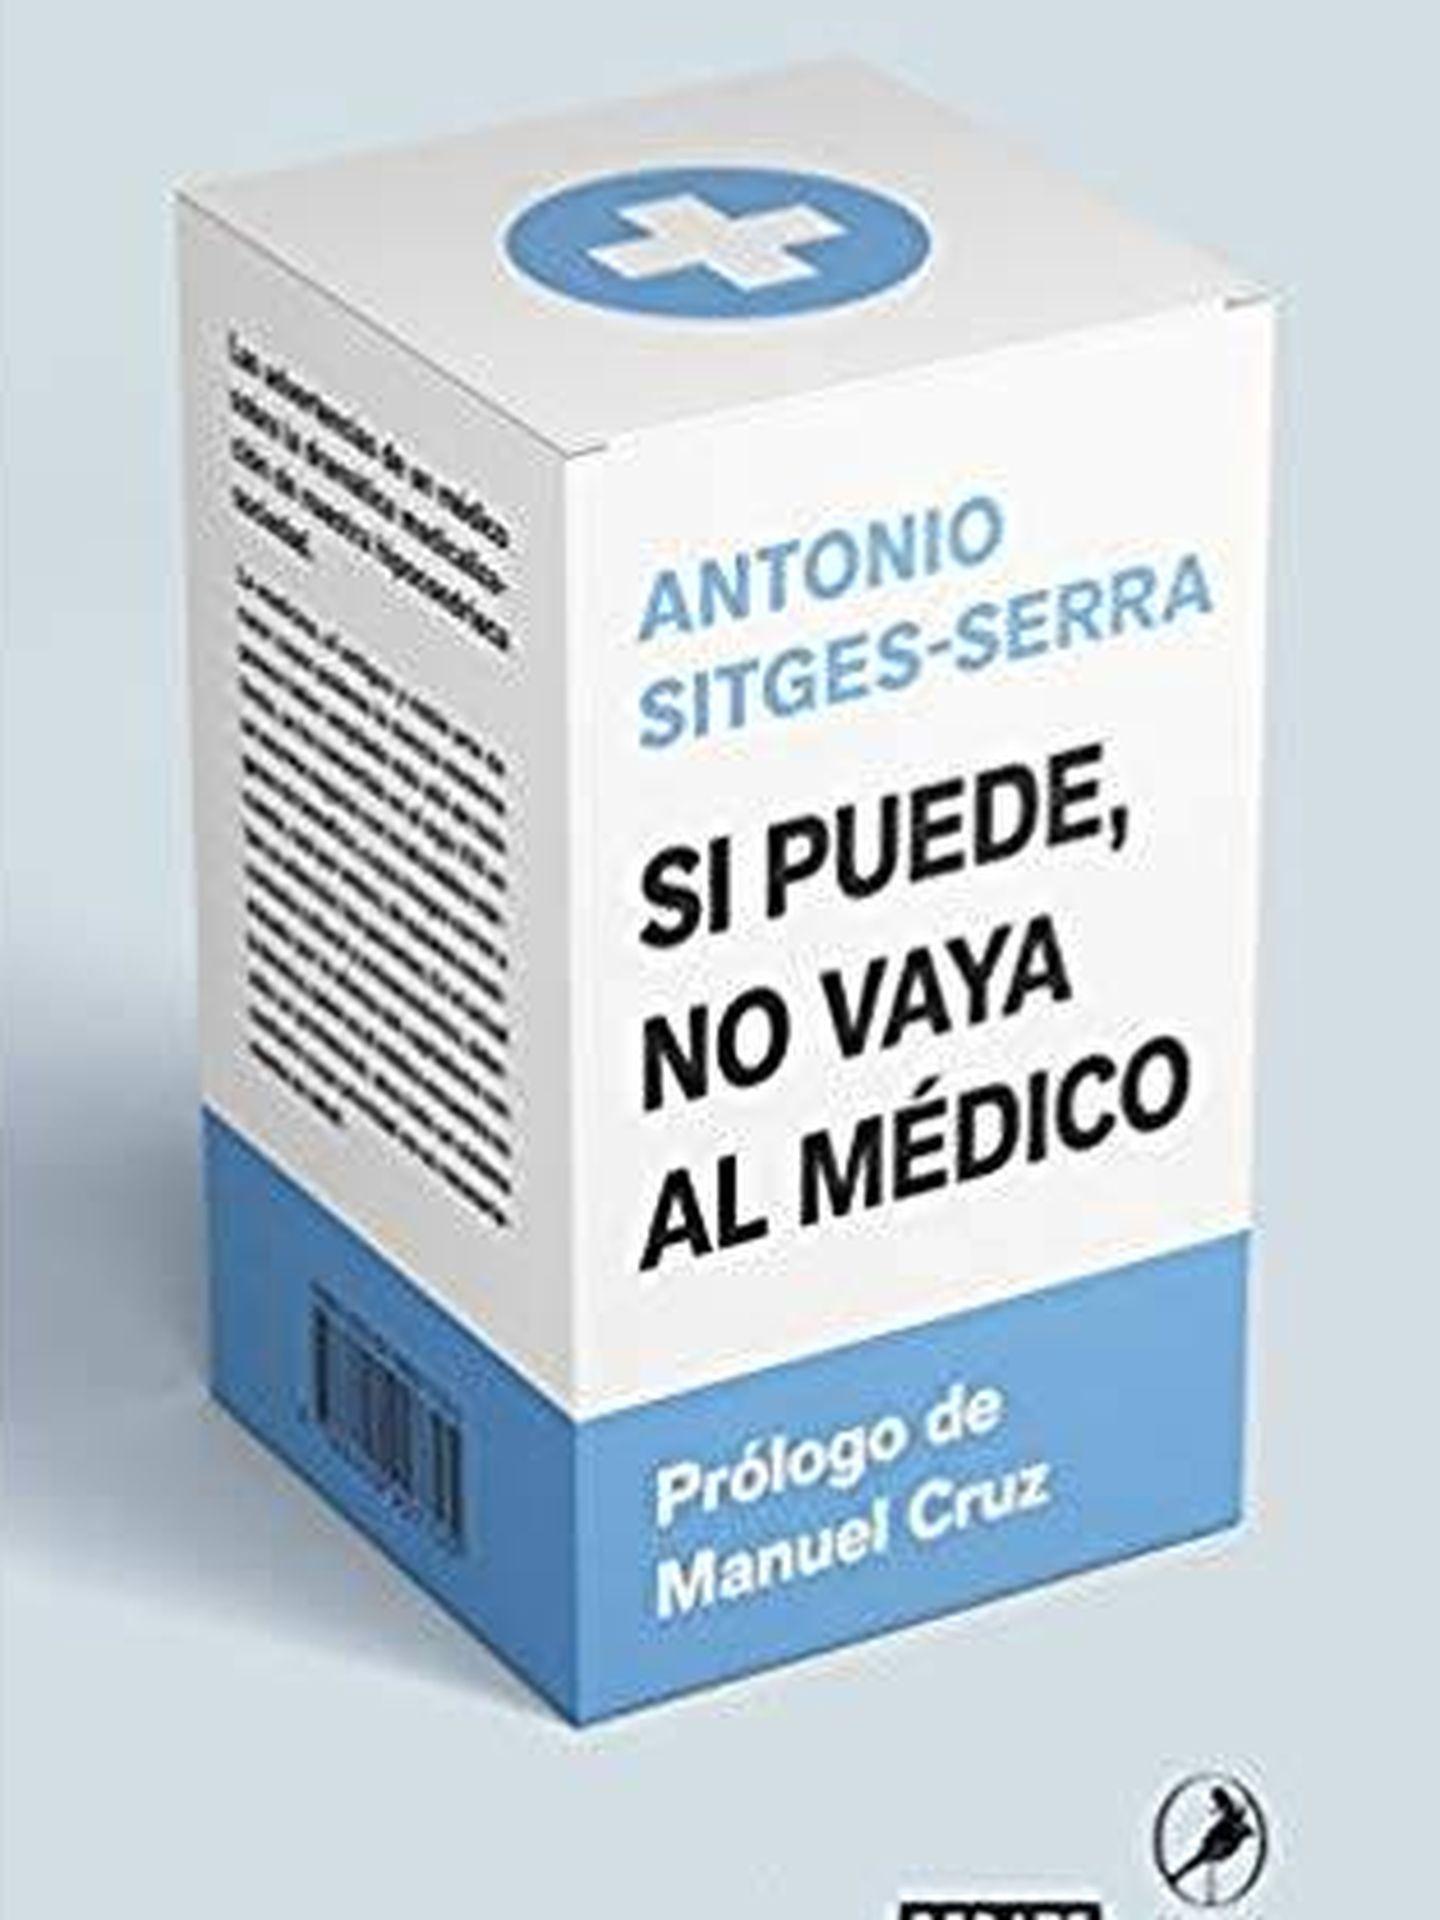 'Si puede, no vaya al médico' (Debate).